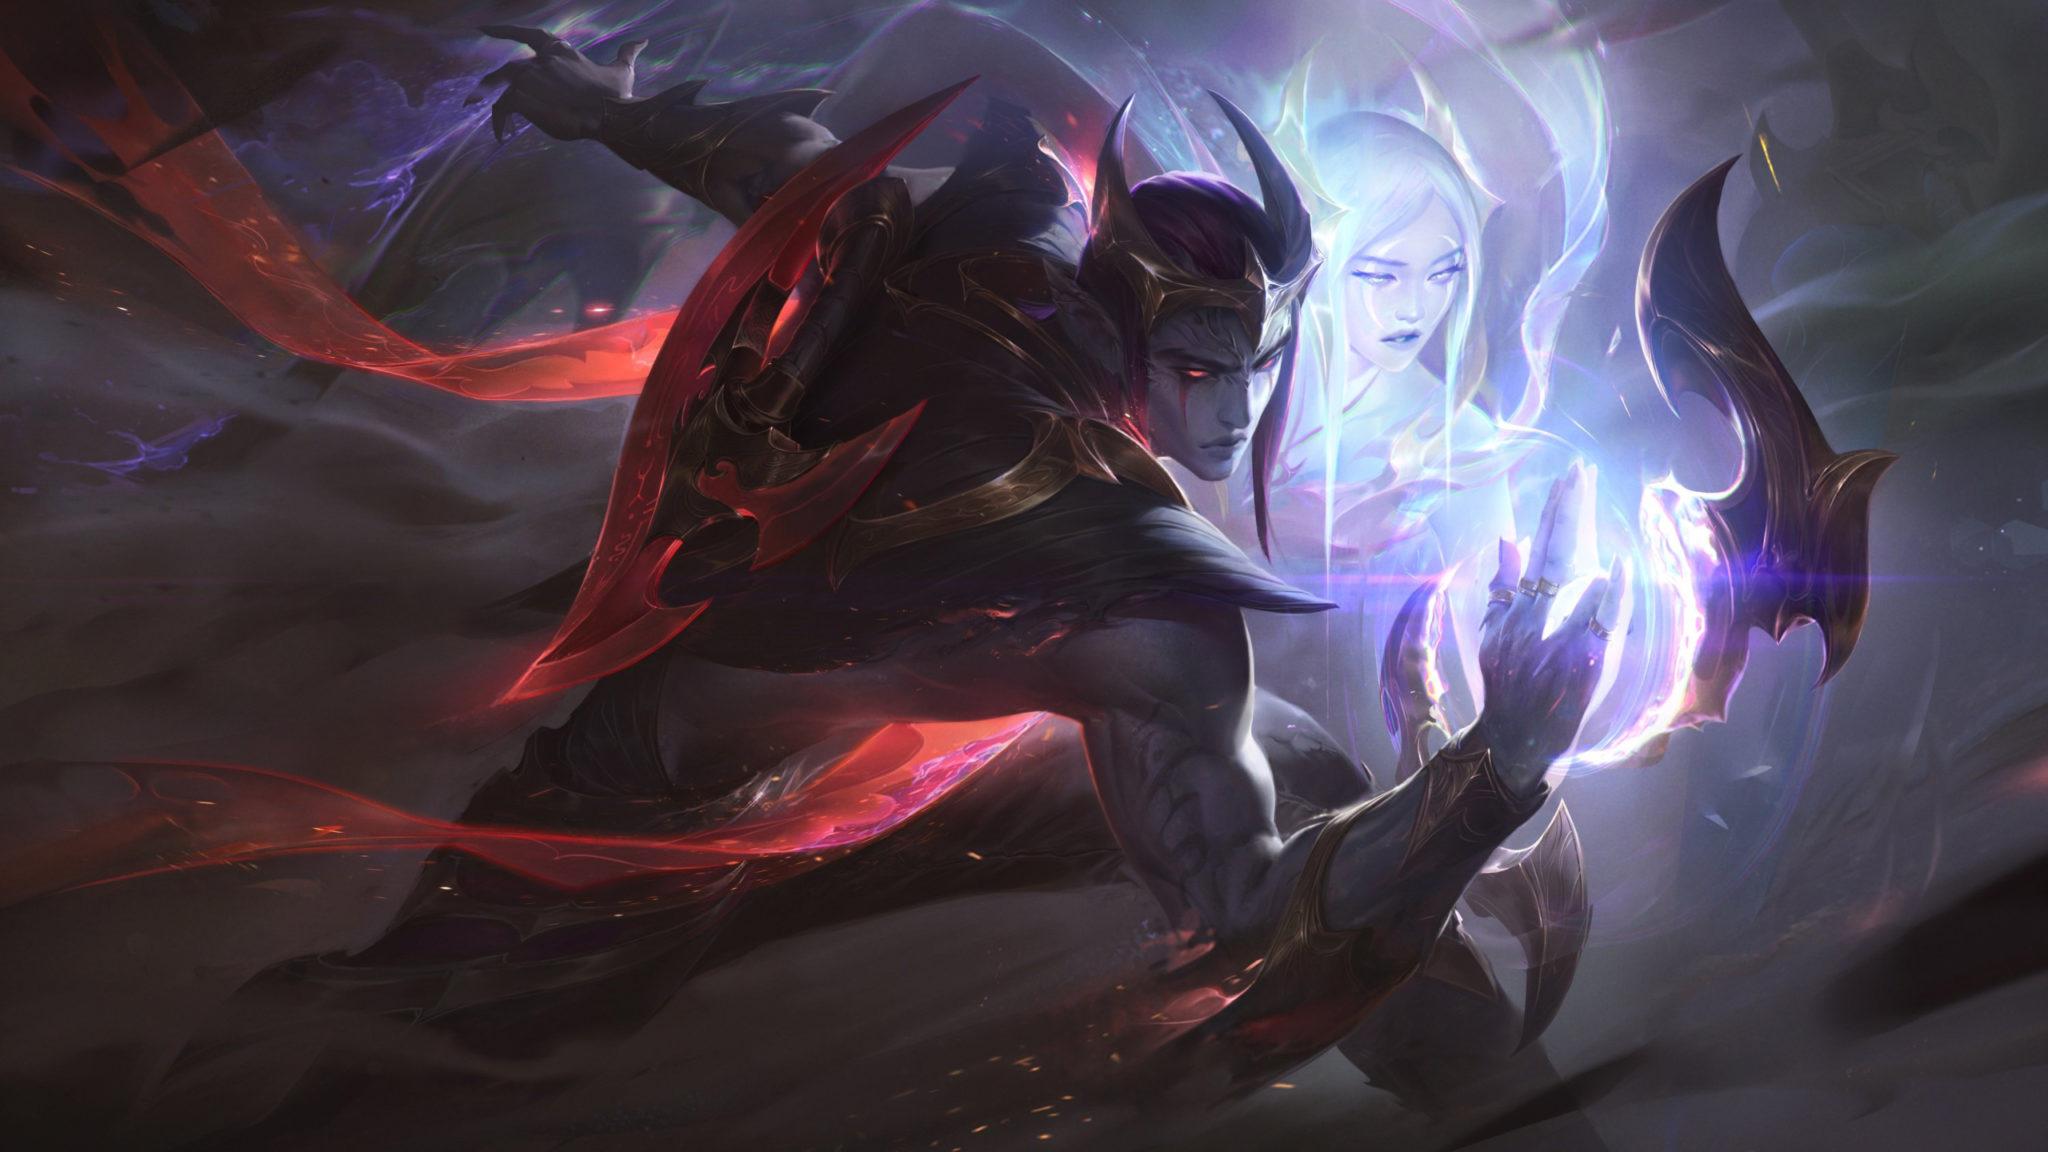 Nightbringer Aphelios skin in League of Legends